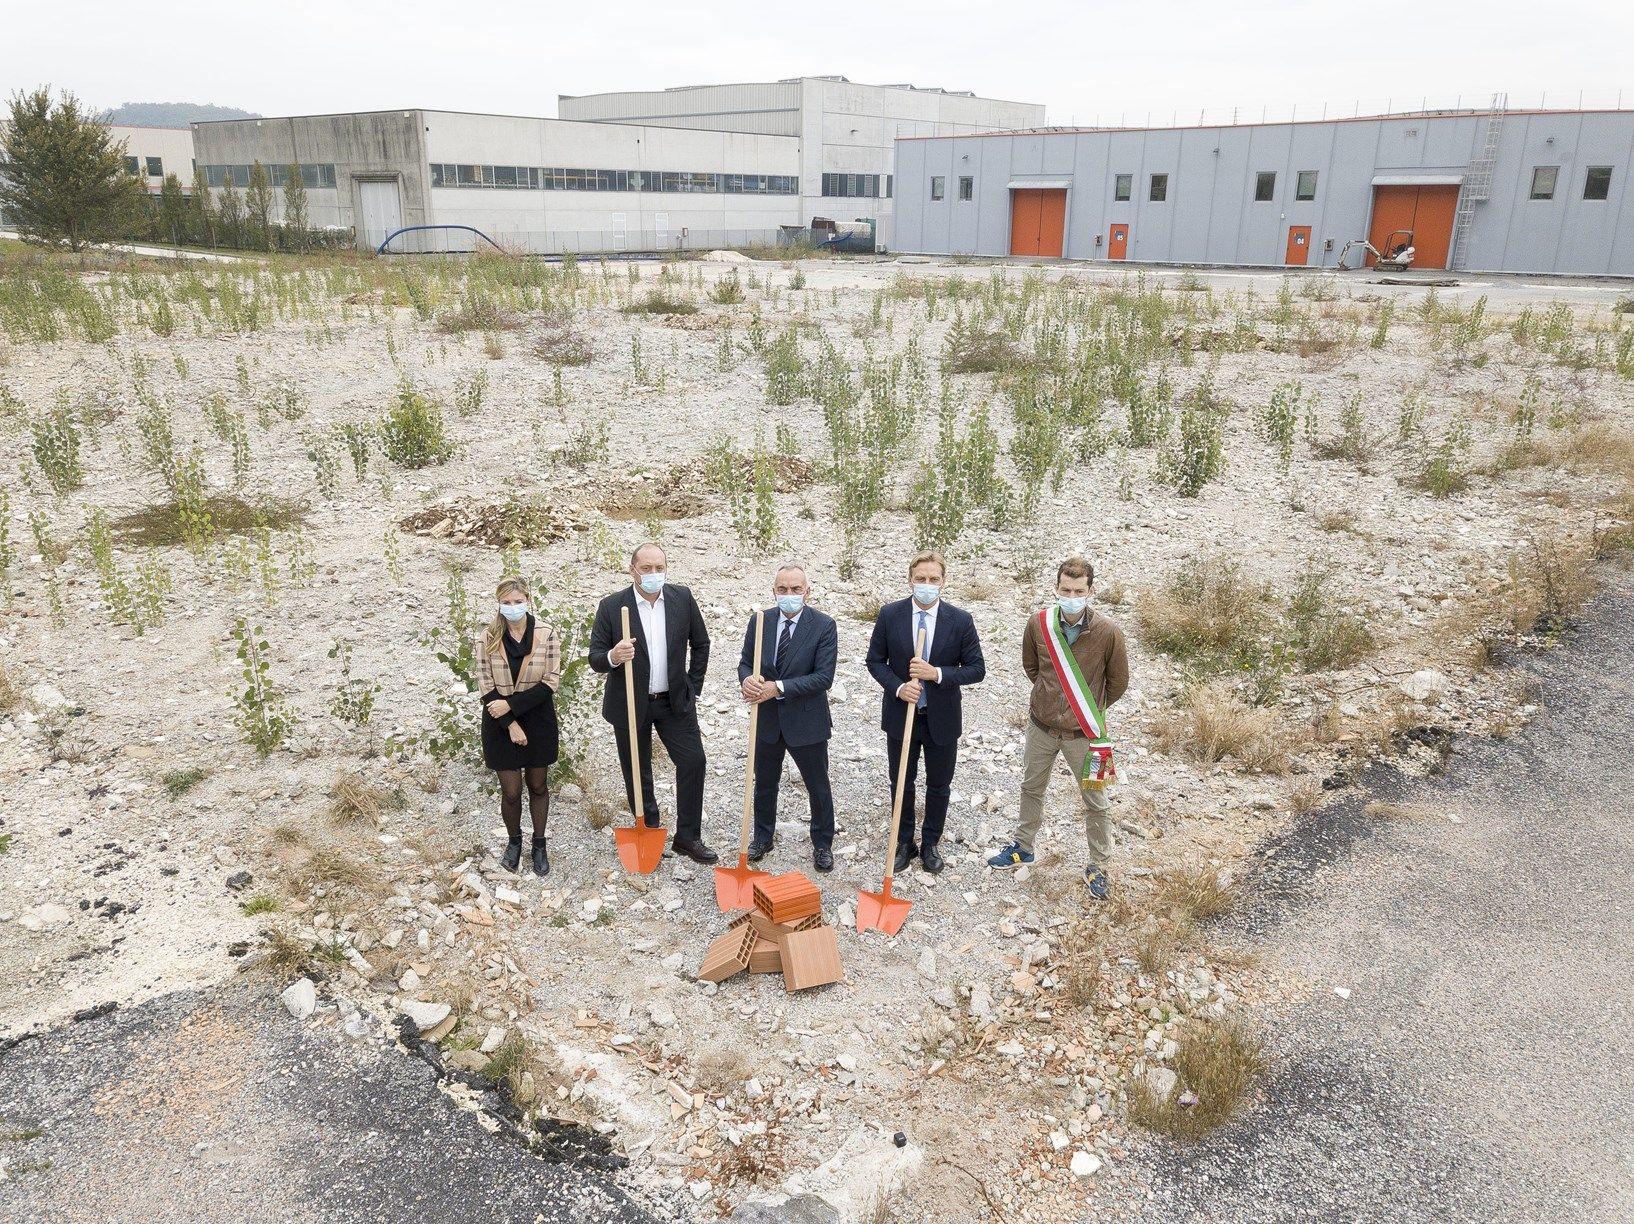 IVAR inaugura i lavori del nuovo capannone: posata la prima pietra